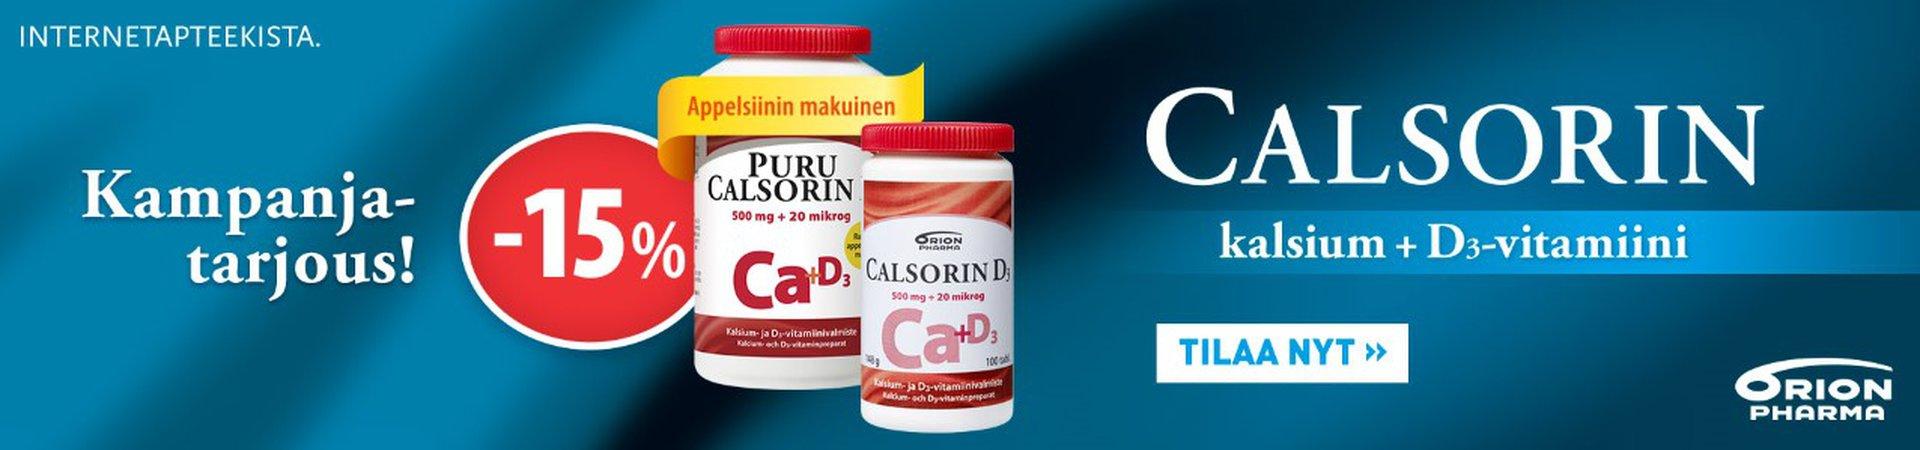 Calsorin -15 % maaliskuussa